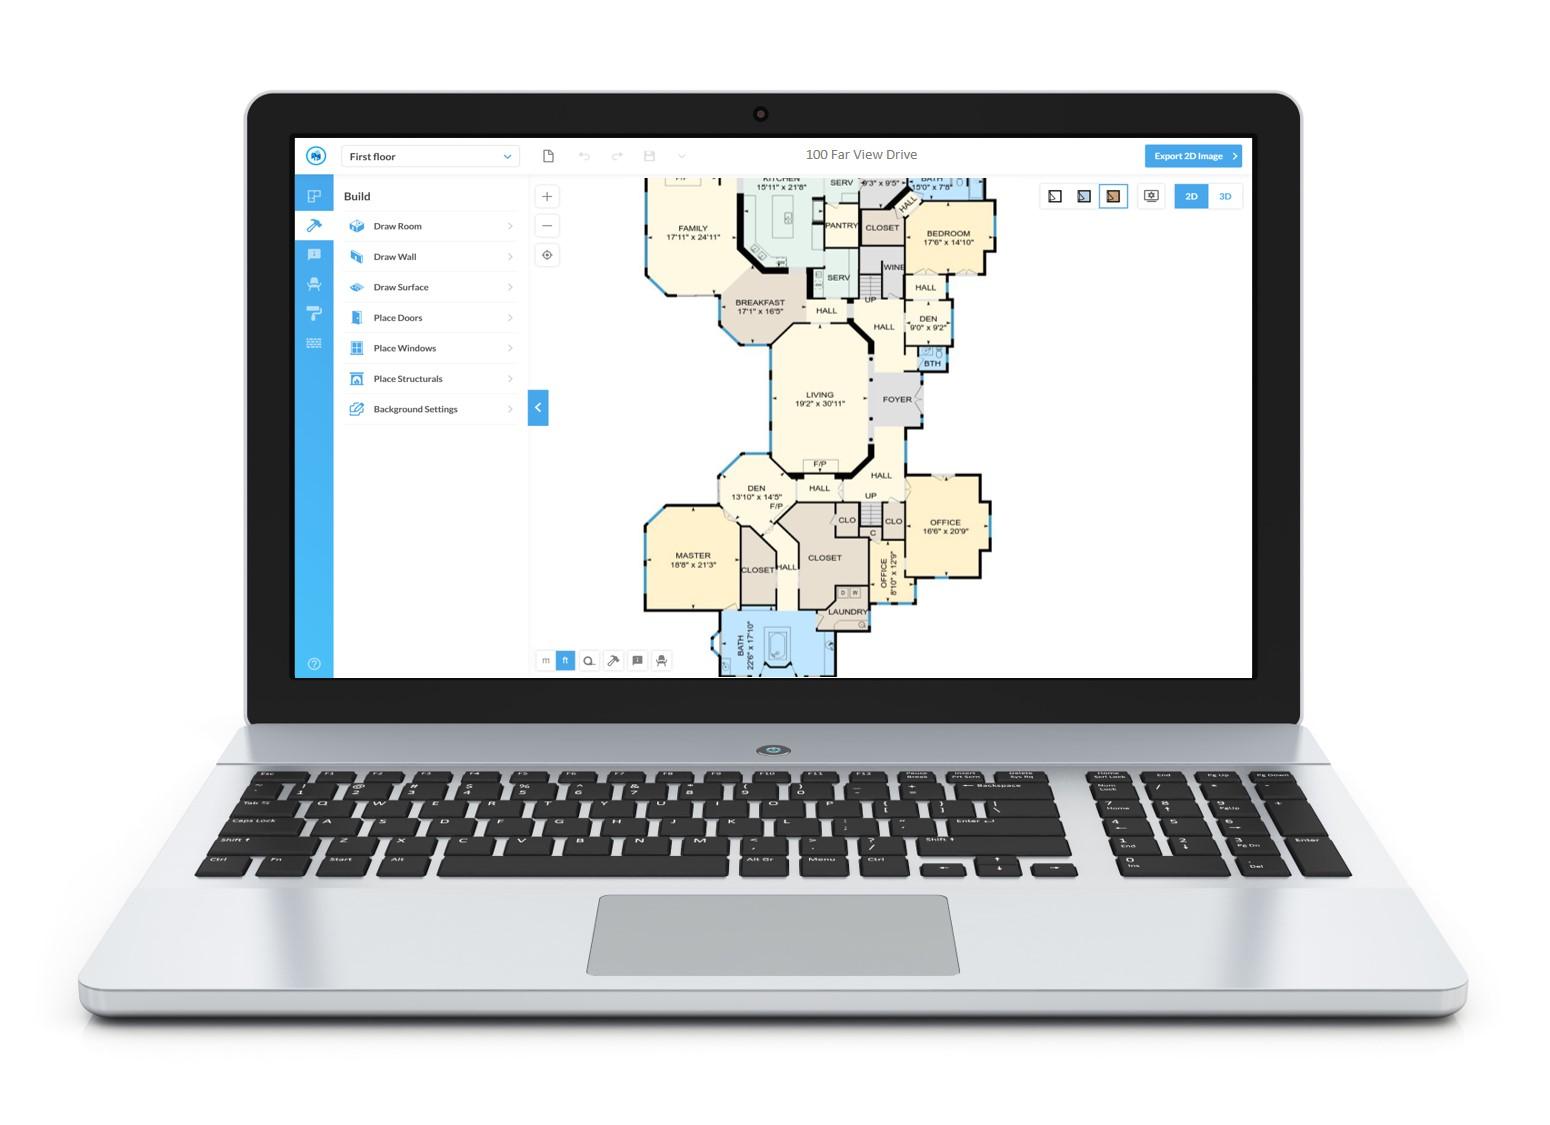 100farview-Floorplanner-iGuide